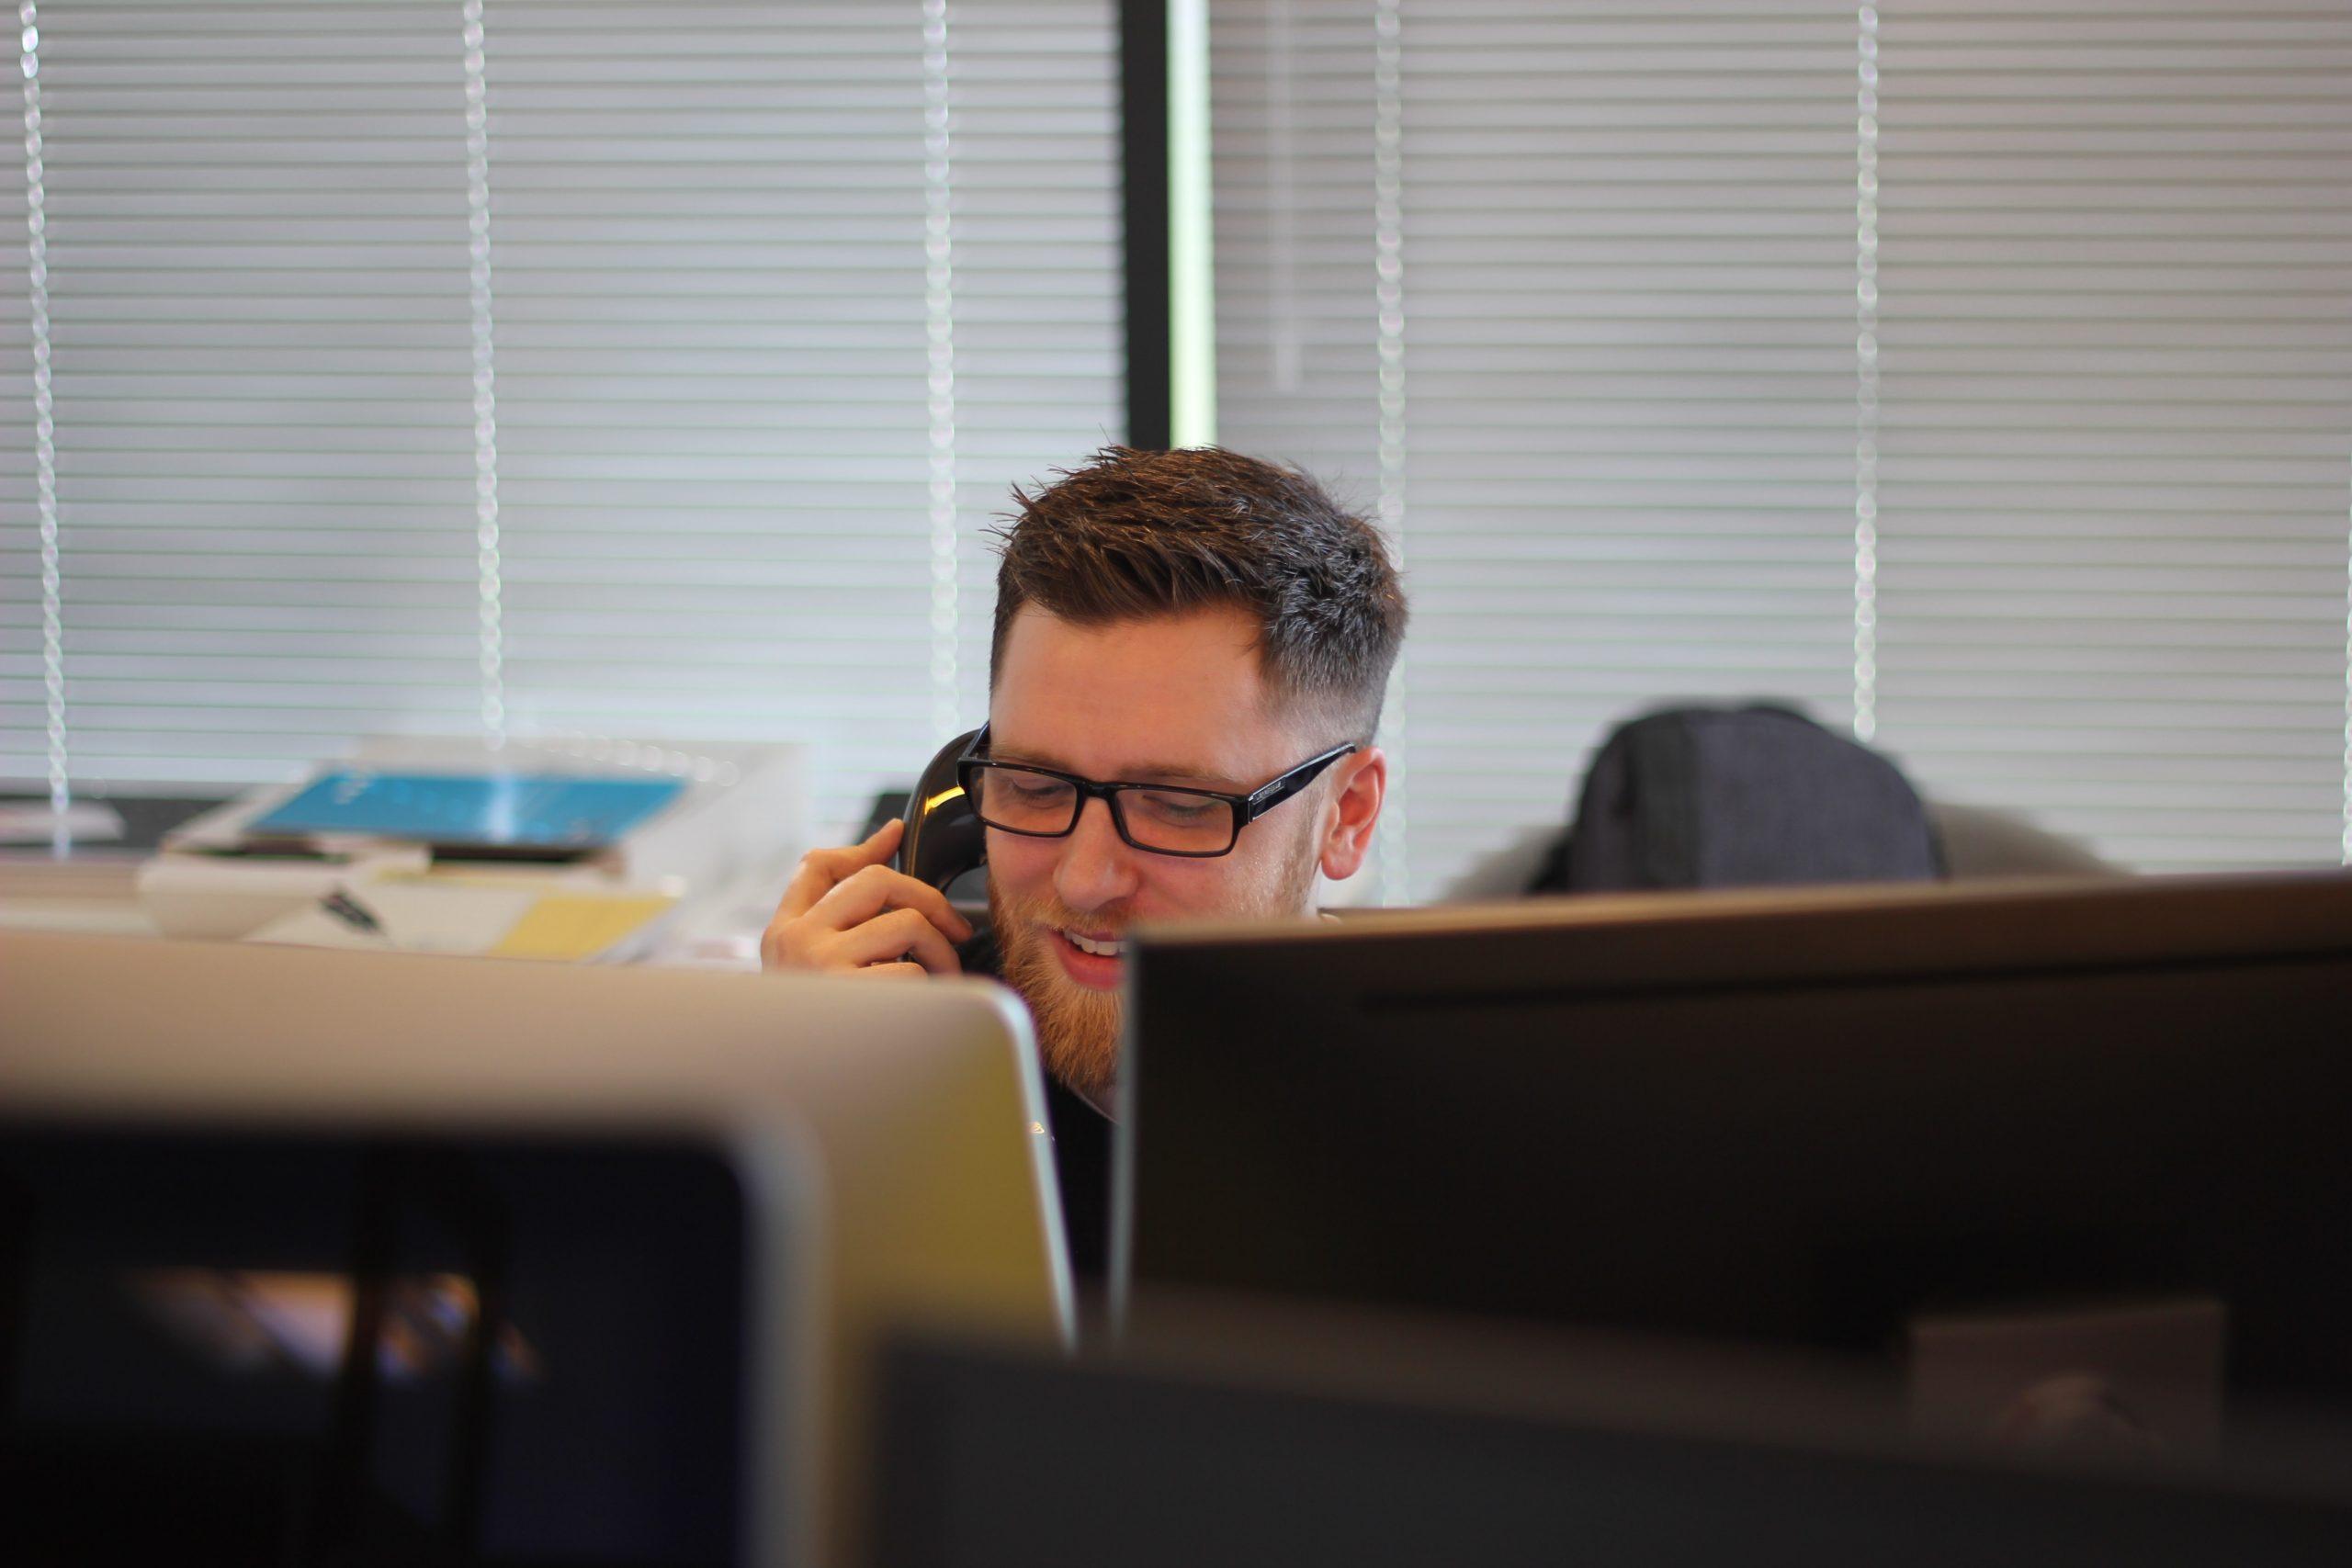 Atlastocks customer support